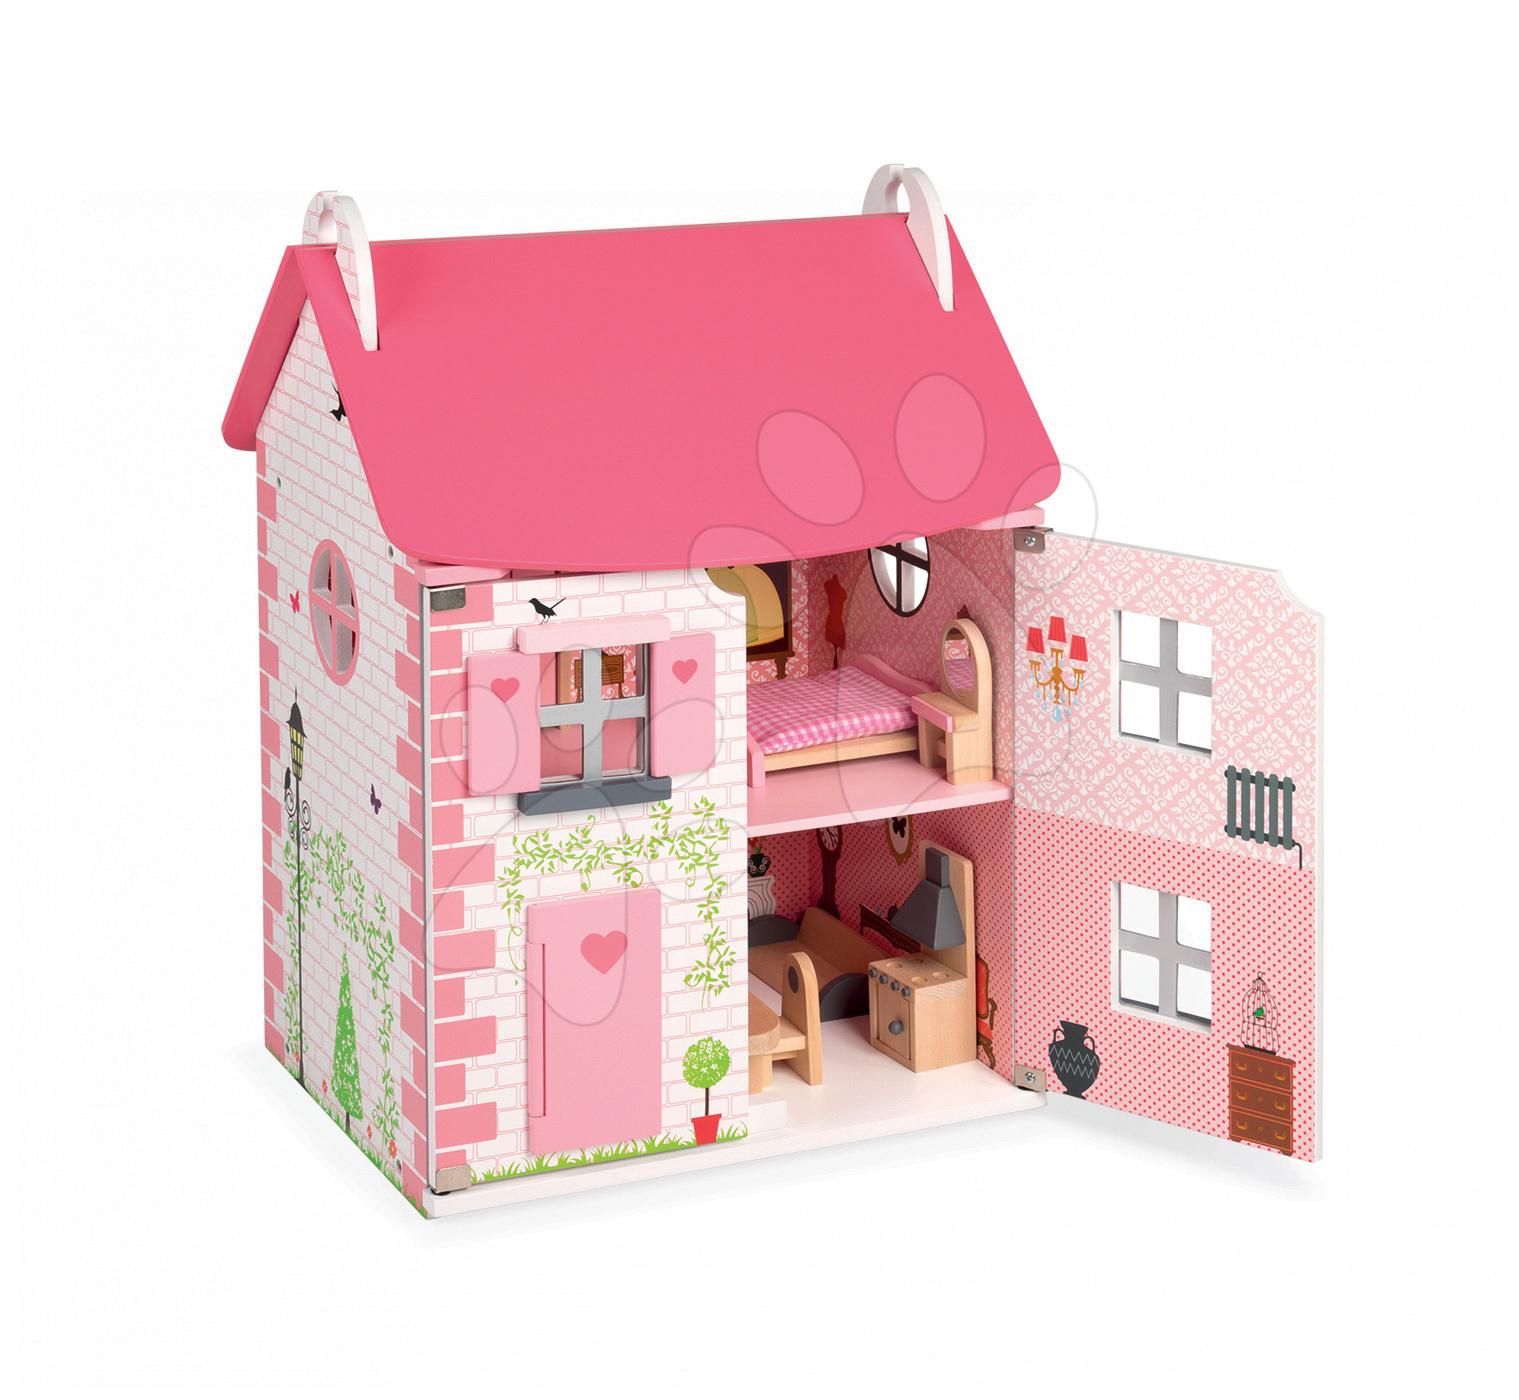 Dřevěný domeček pro panenky Mademoiselle Janod dvoupodlažní s dřevěným nábytkem růžový od 3 let